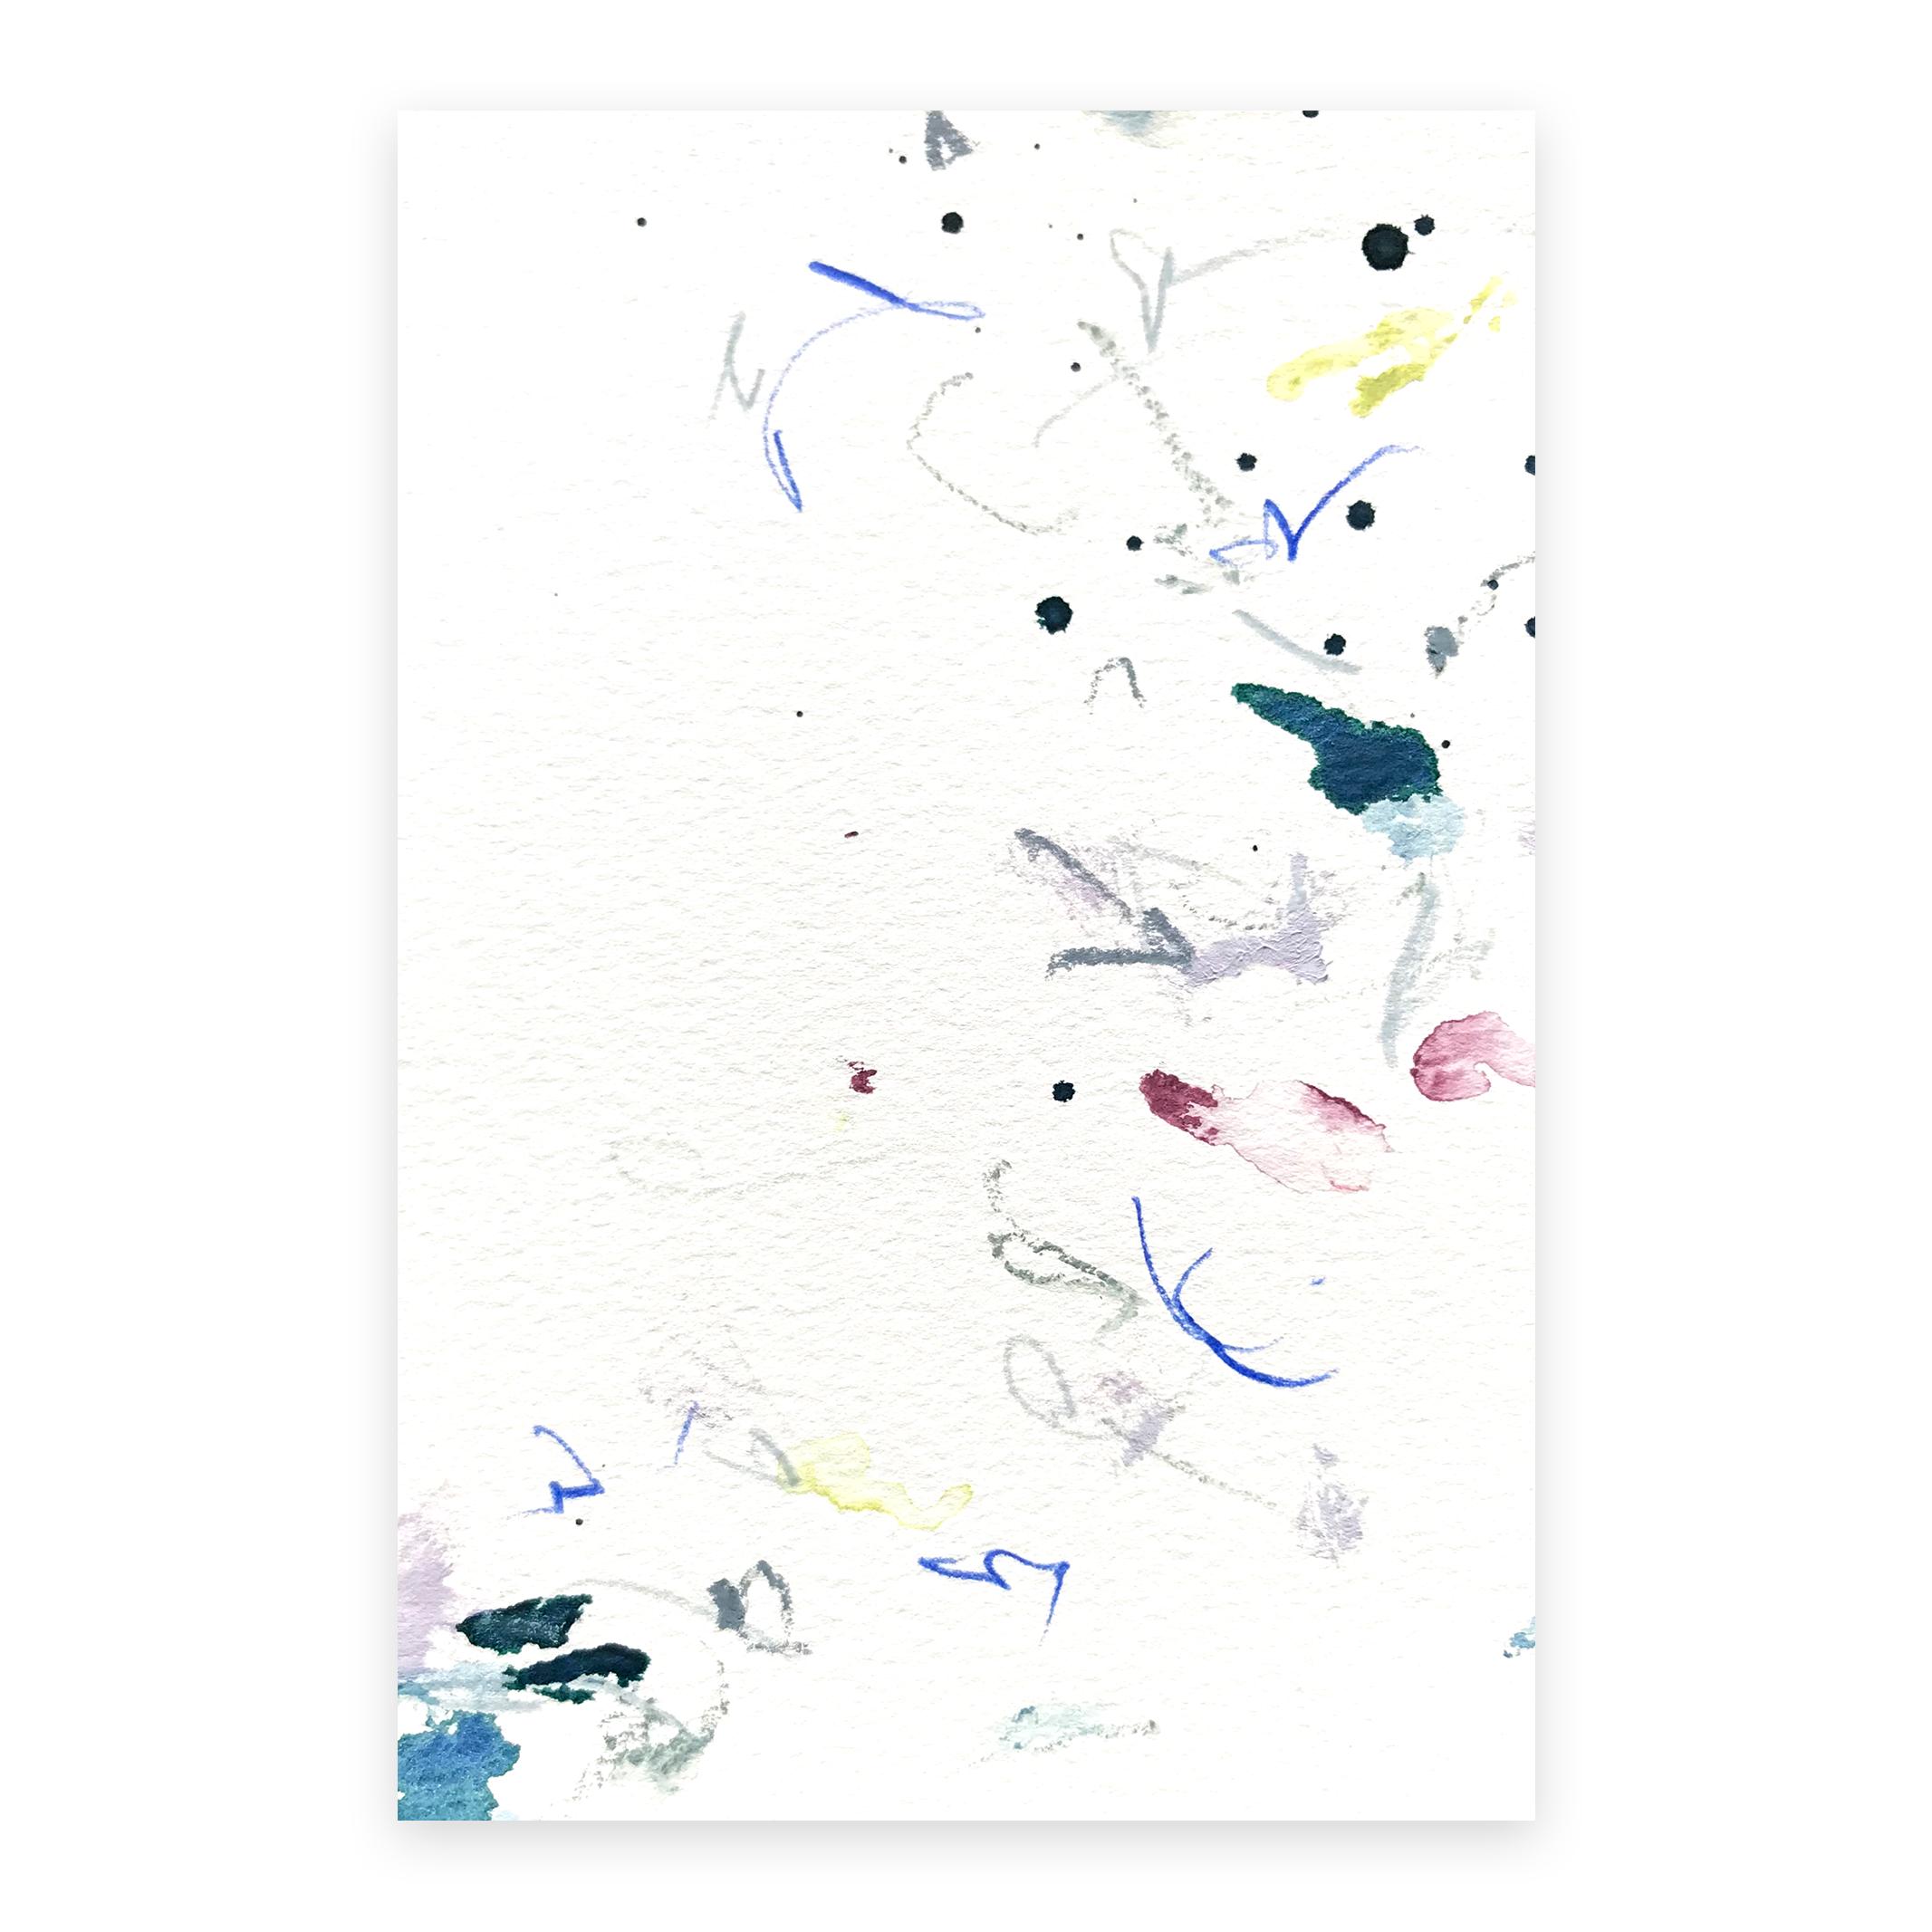 dd_nov12181  Mixed media on paper 14.8×10cm